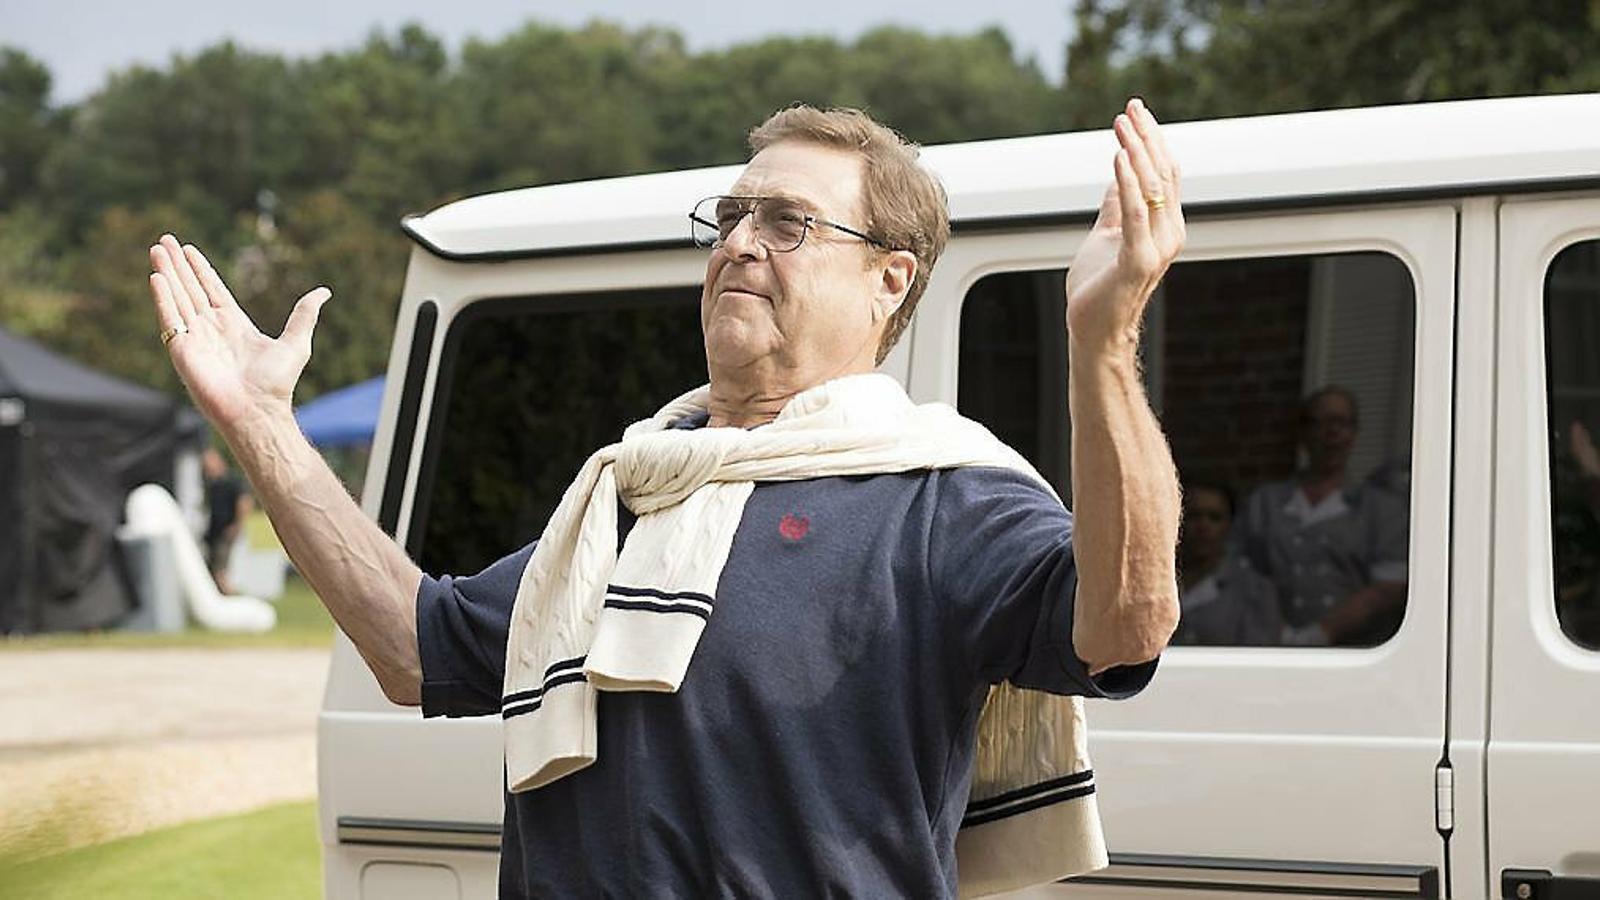 John Goodman interpreta un telepredicador que ha aixecat un imperi que ara es disputen els fills.